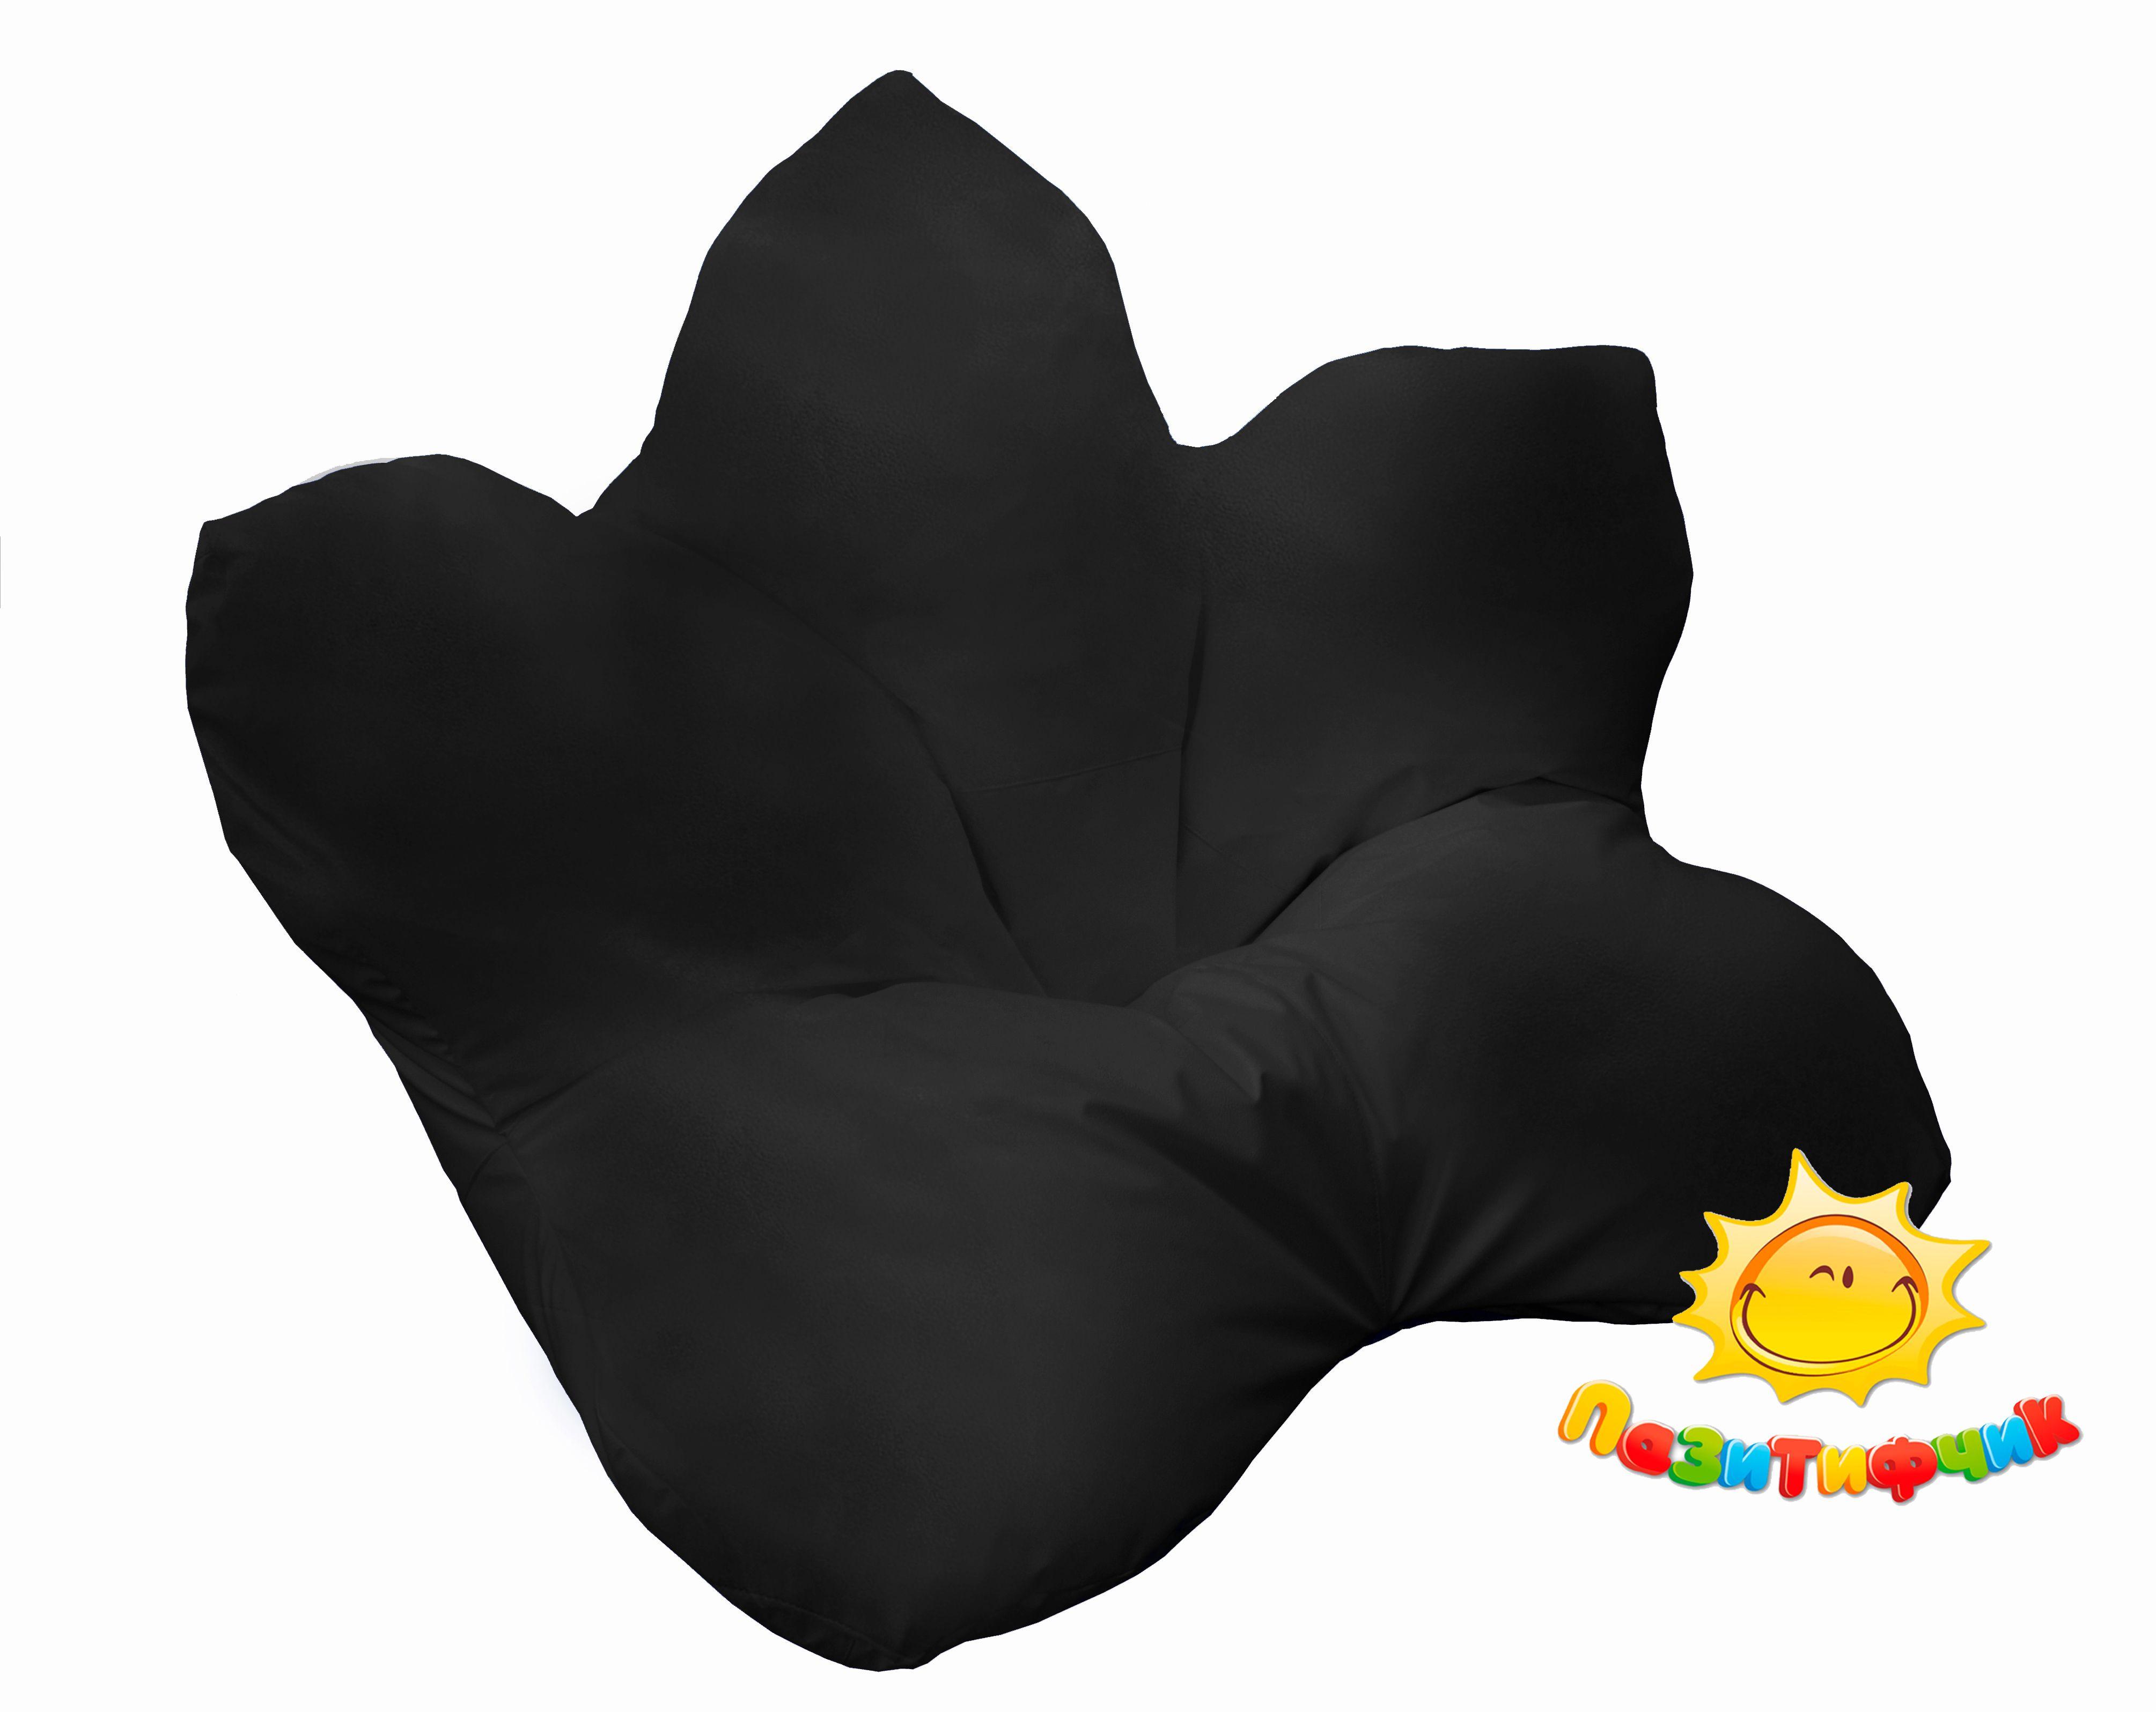 Кресло-мешок Pazitif Цветок Пазитифчик, размер XXXL, экокожа, черный фото